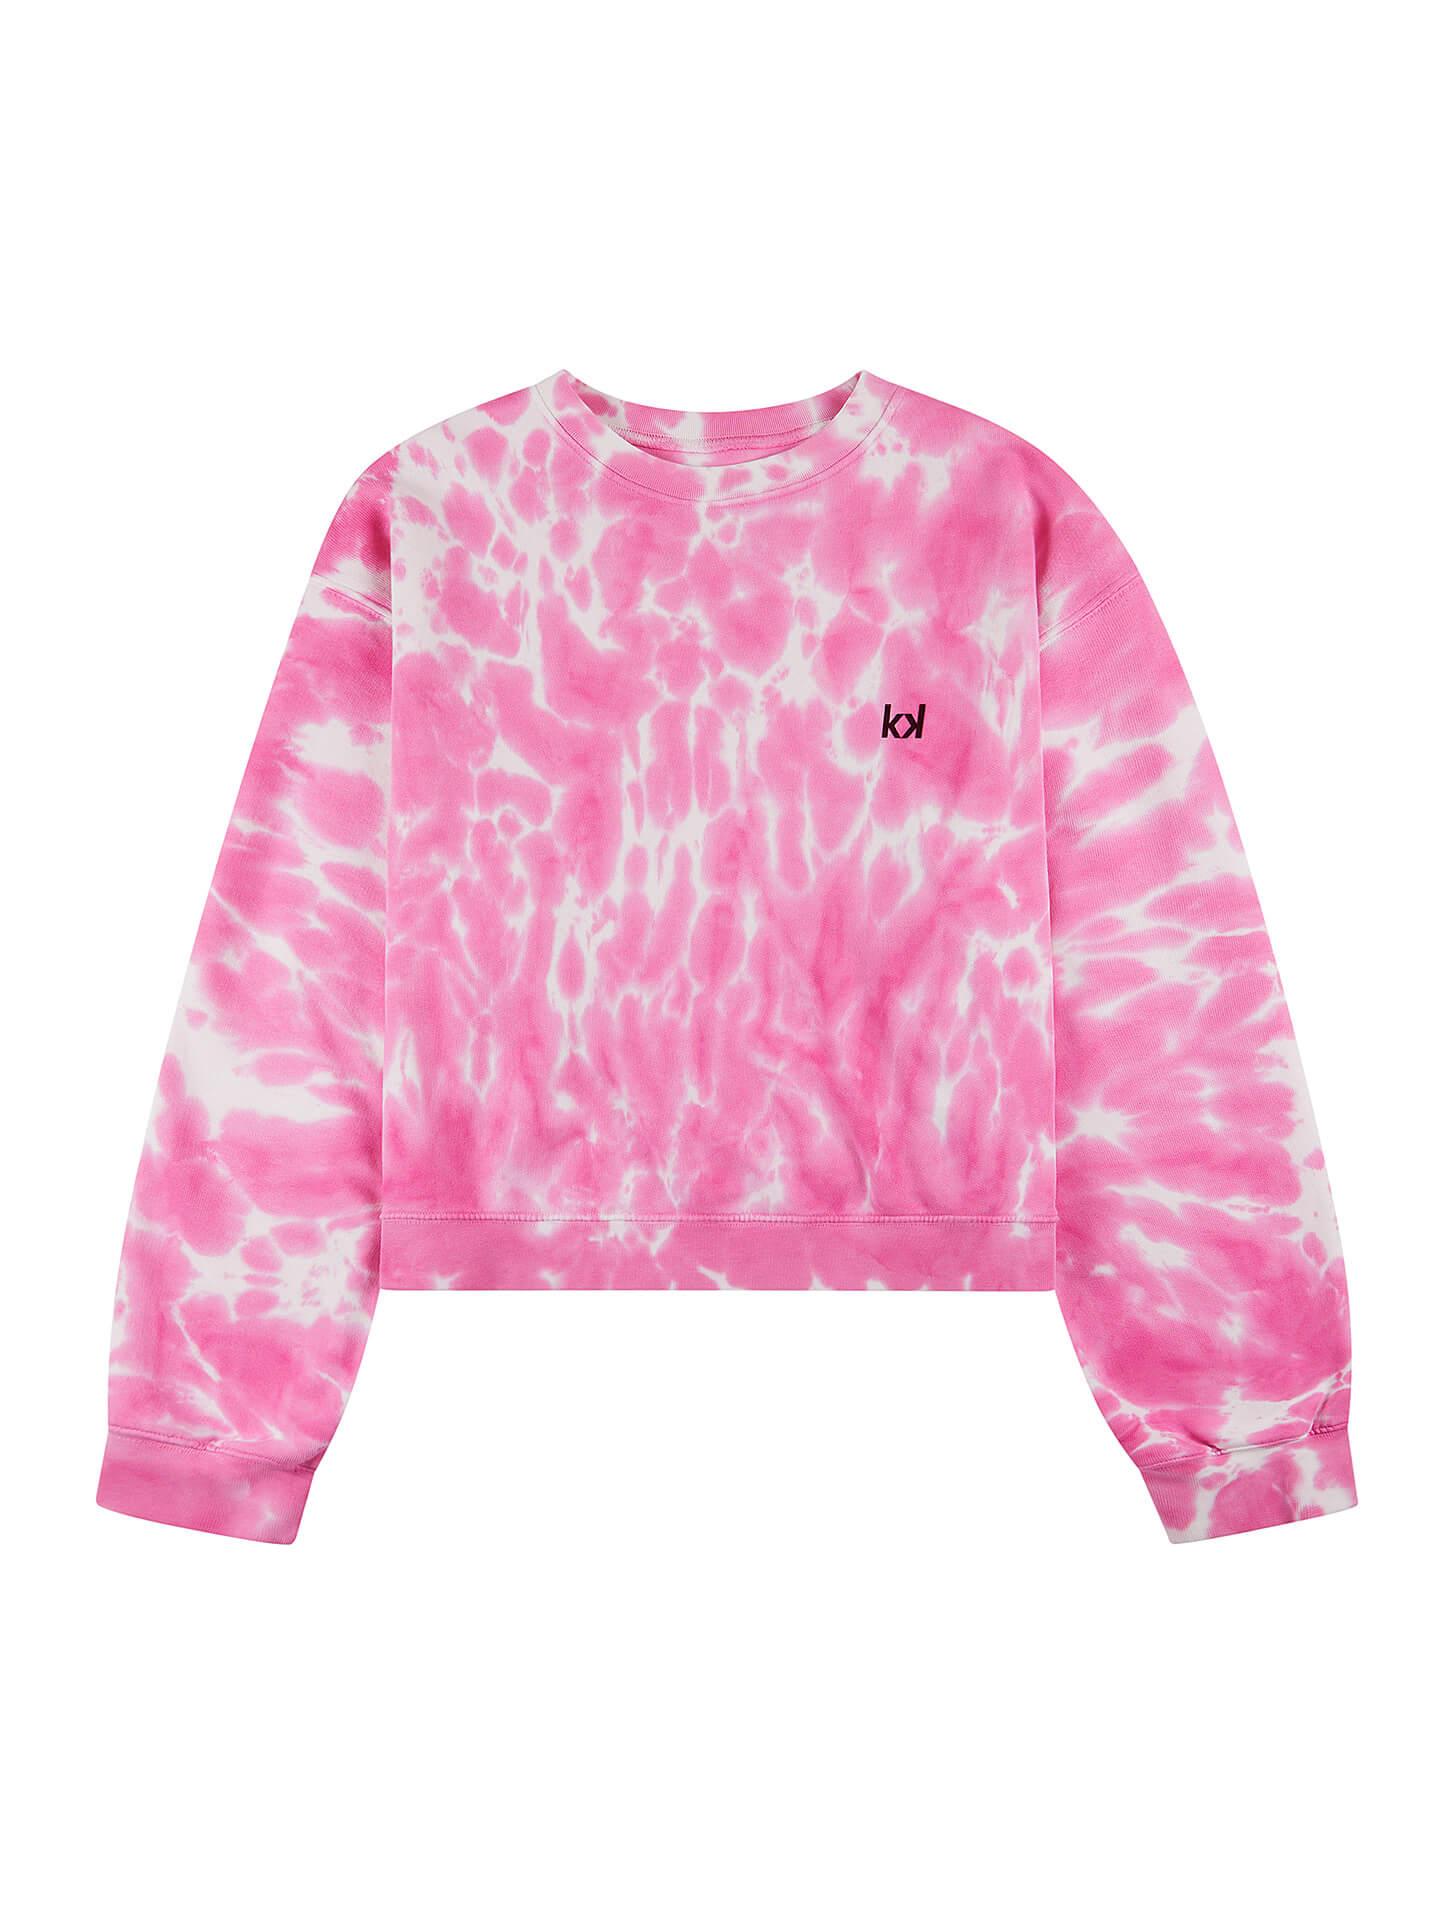 Un jersey con efecto tie dye rosa